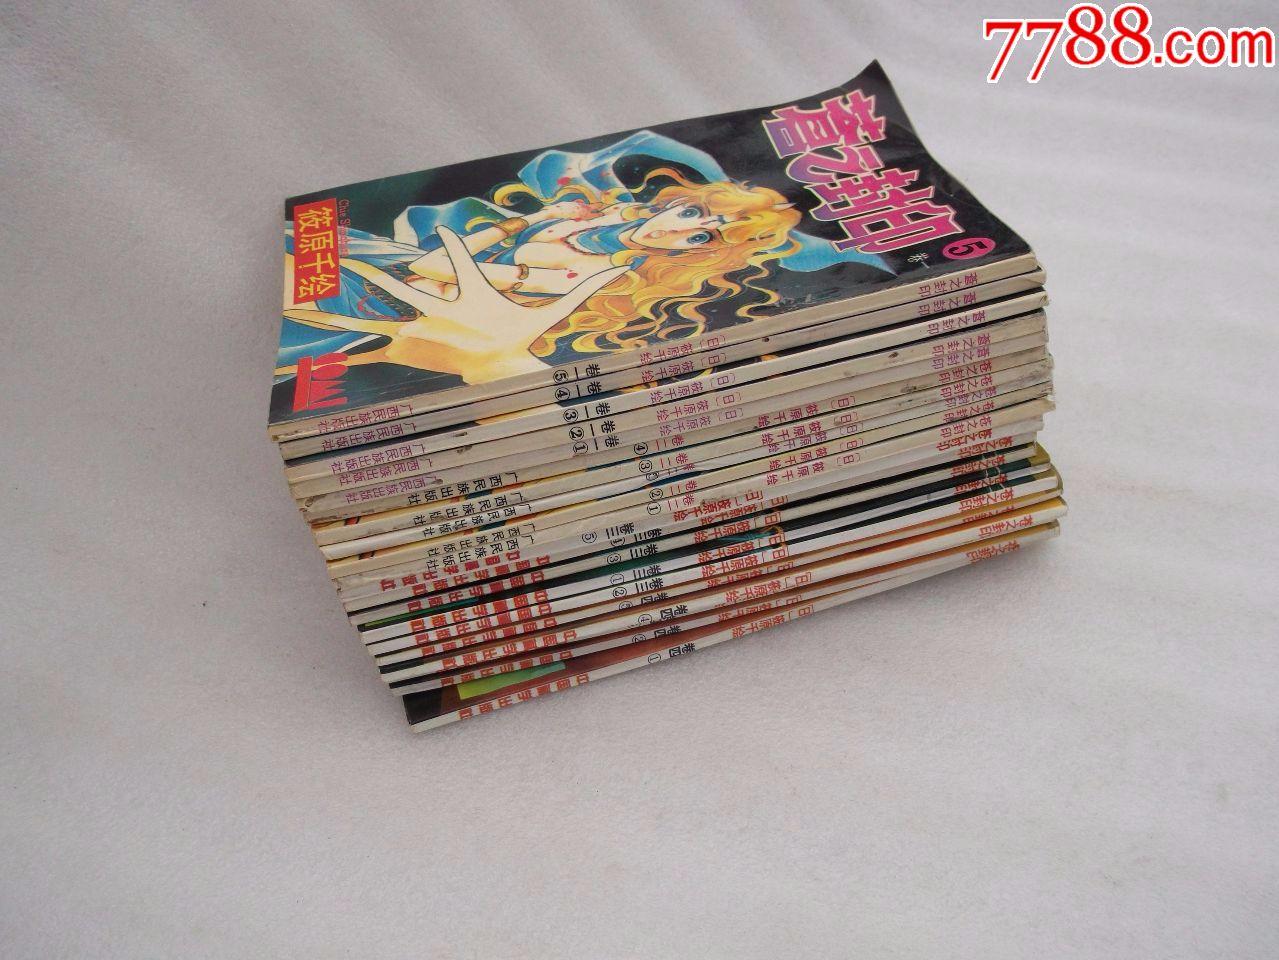 卡通漫画;《苍之封印》(全5卷共20册)合售包邮漫画挂哔咔图片